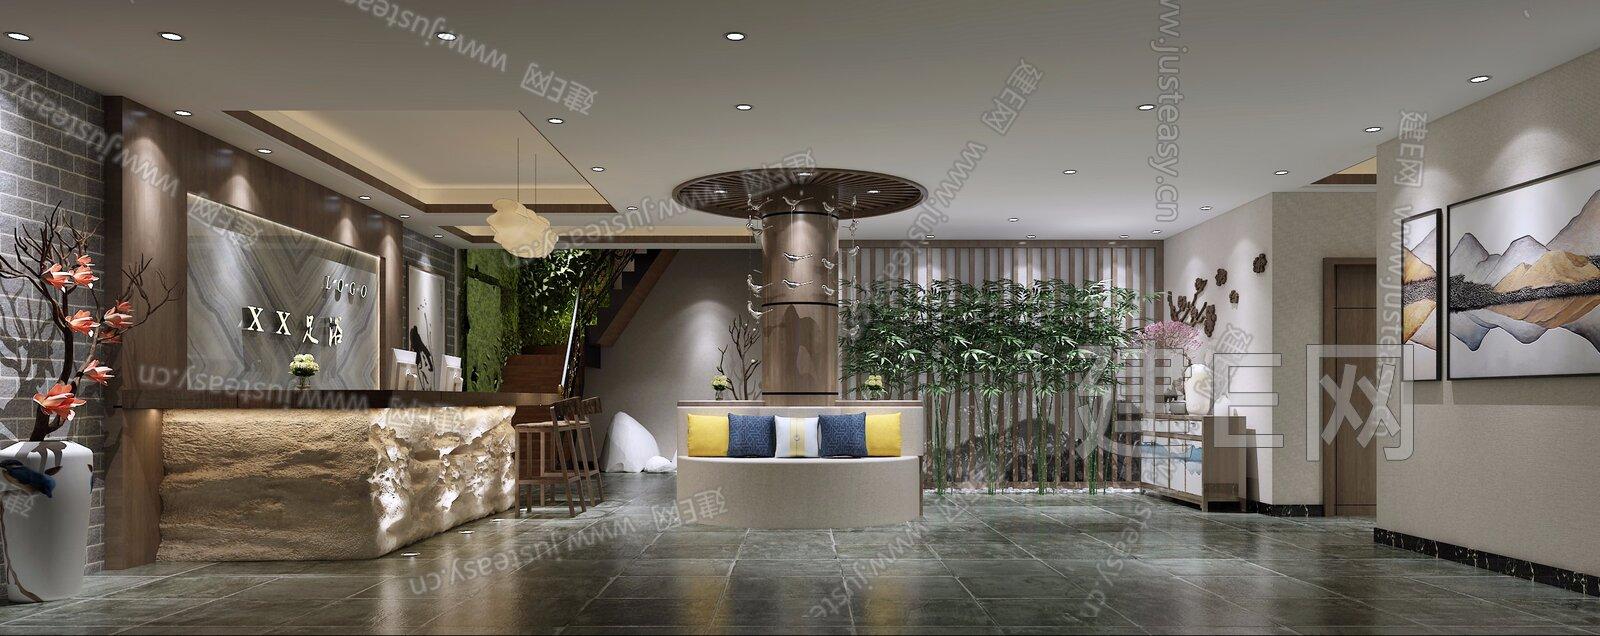 新中式足浴大厅[模型id:198385]图片